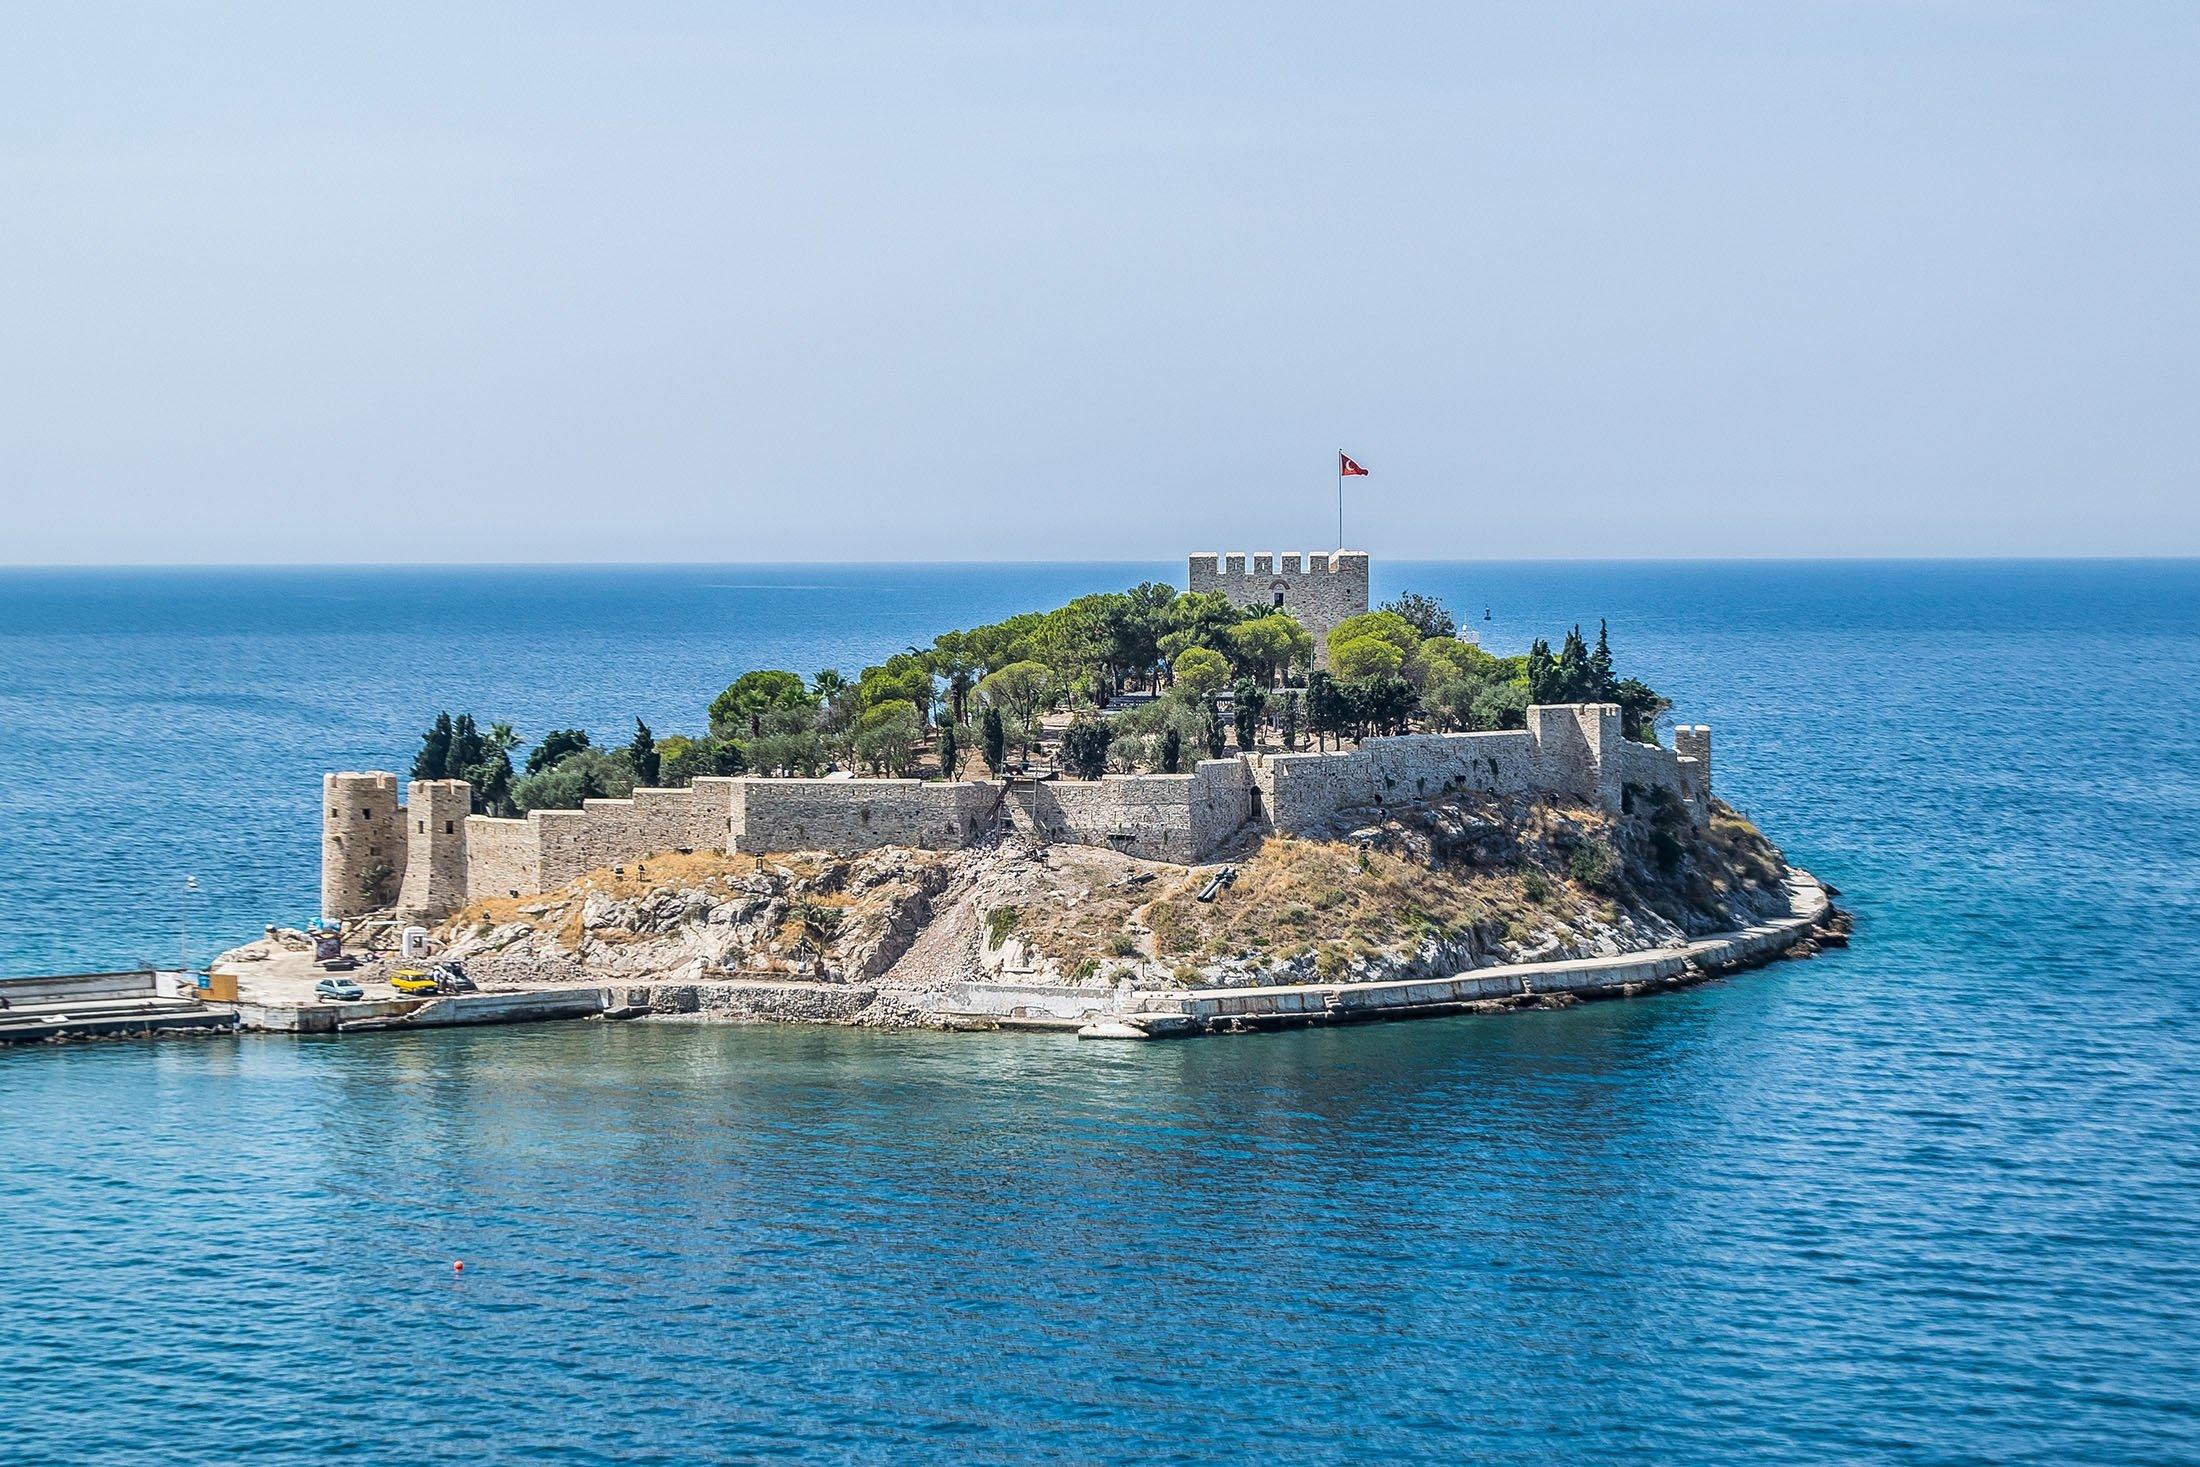 The Güvercinada island and castle, in Kuşadası, Turkey. (Shutterstock Photo)